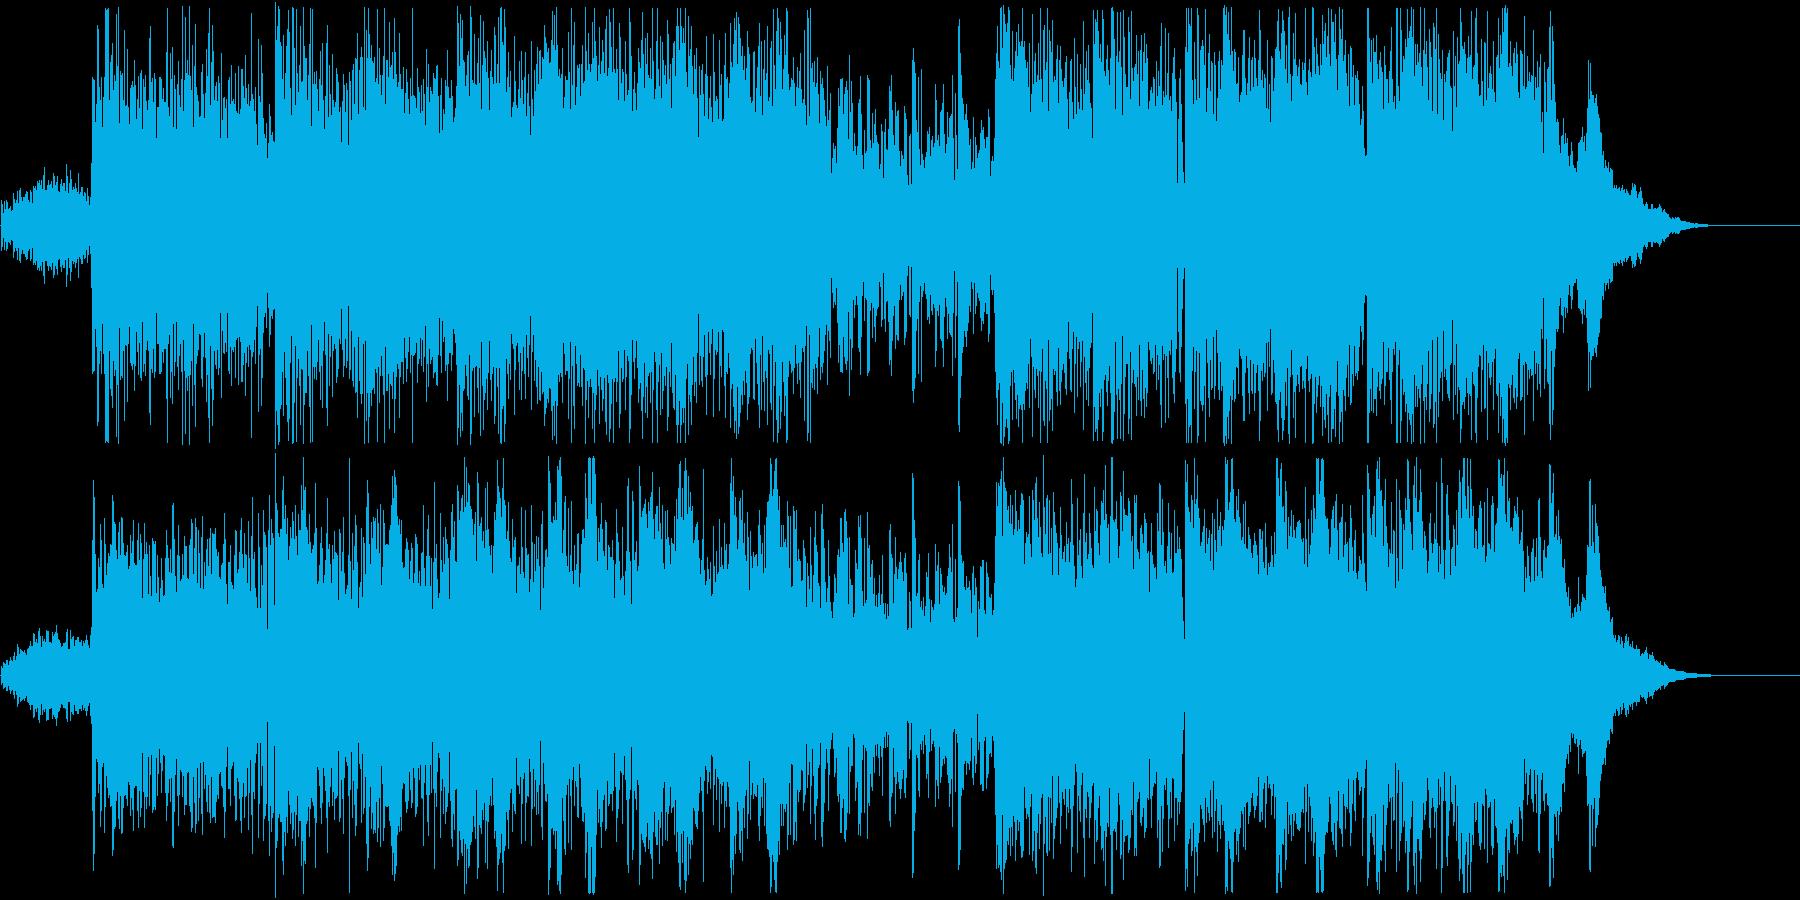 現代的なエレクトロビートとピアノの音色での再生済みの波形